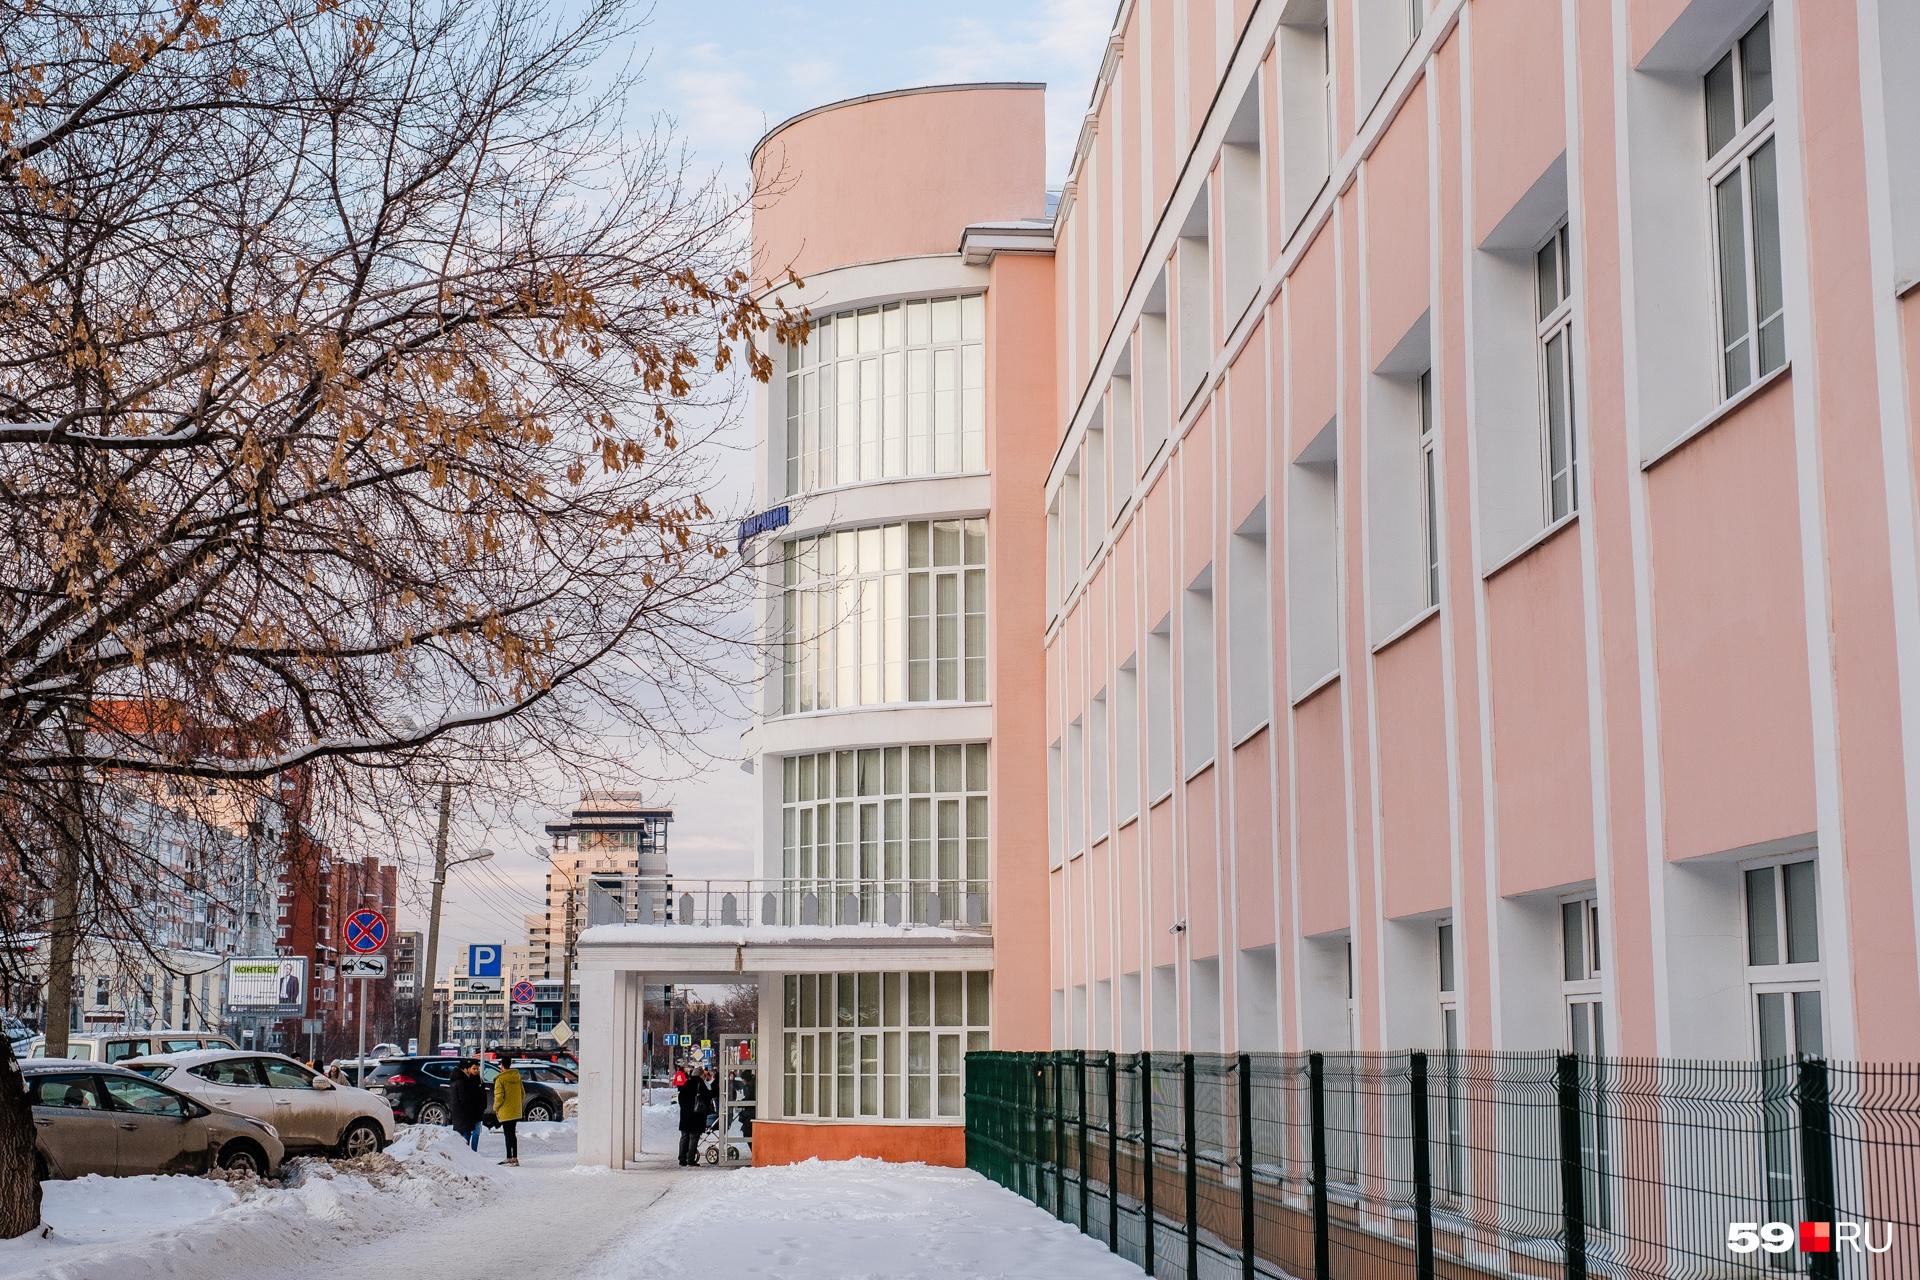 Из стены выступает полуцилиндрический объем, в котором расположен вход в здание